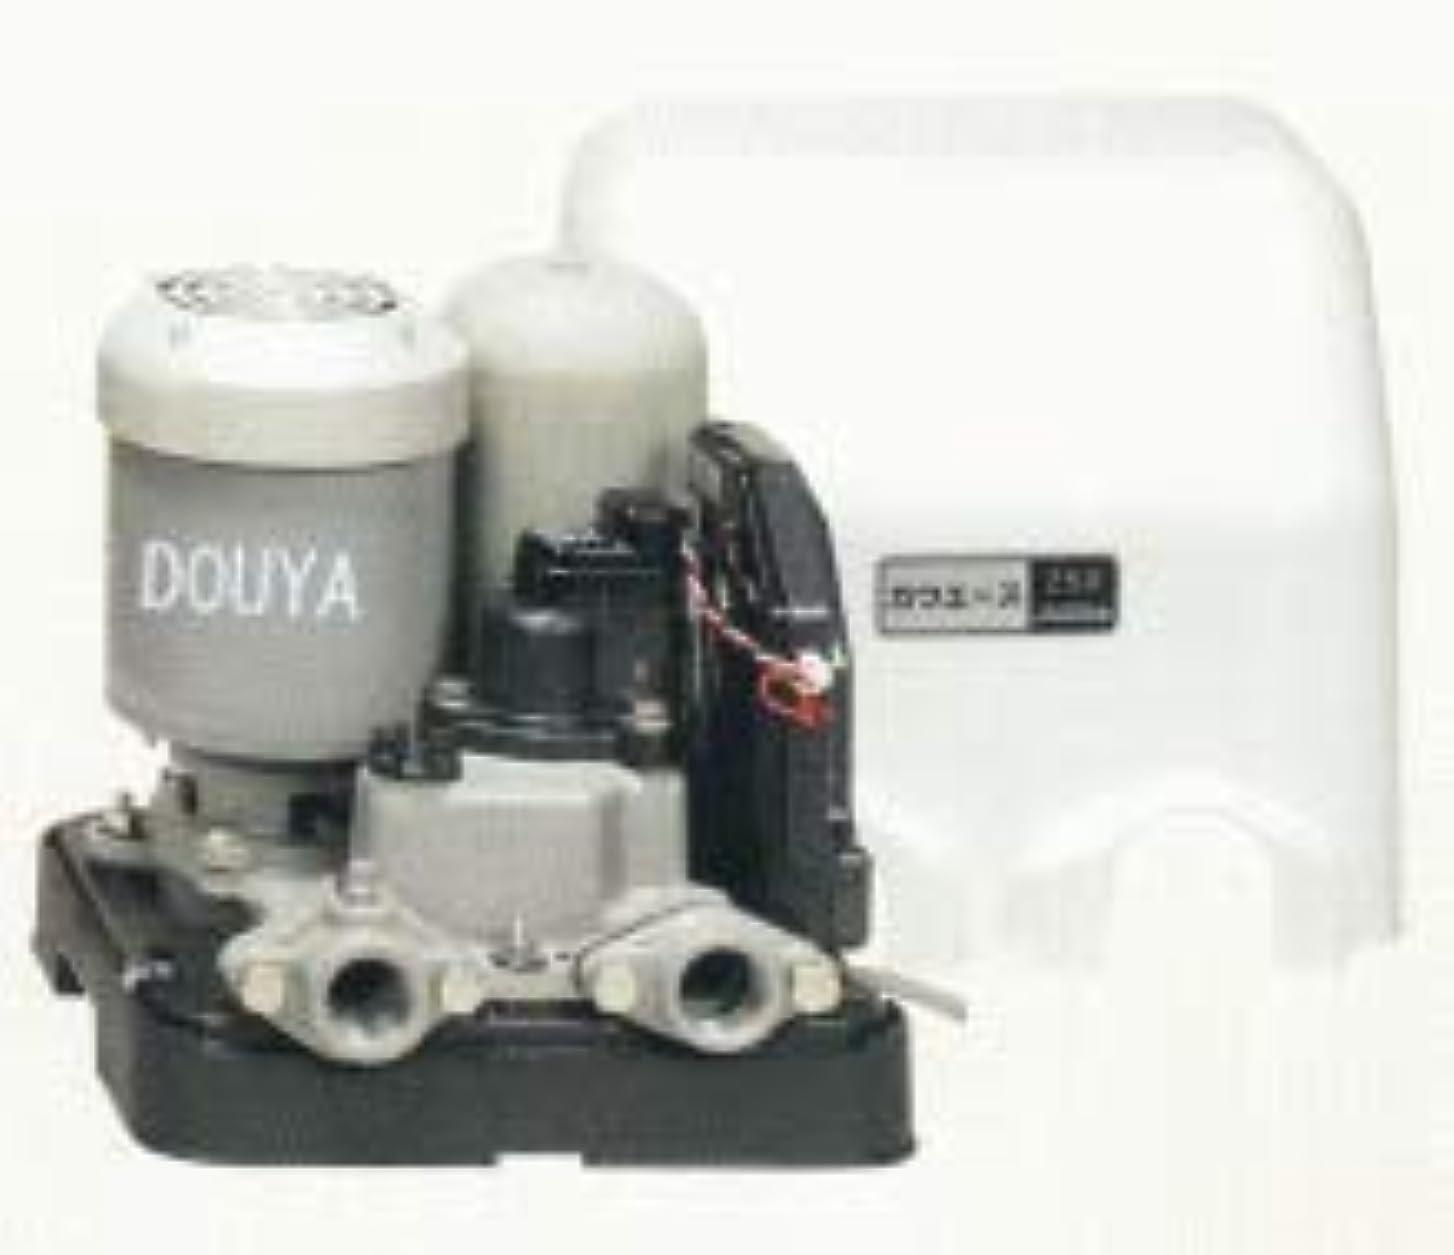 ハイライト摩擦気がついて川本ポンプ 家庭用ポンプ N3-755HN 三相200V-750W-50Hz